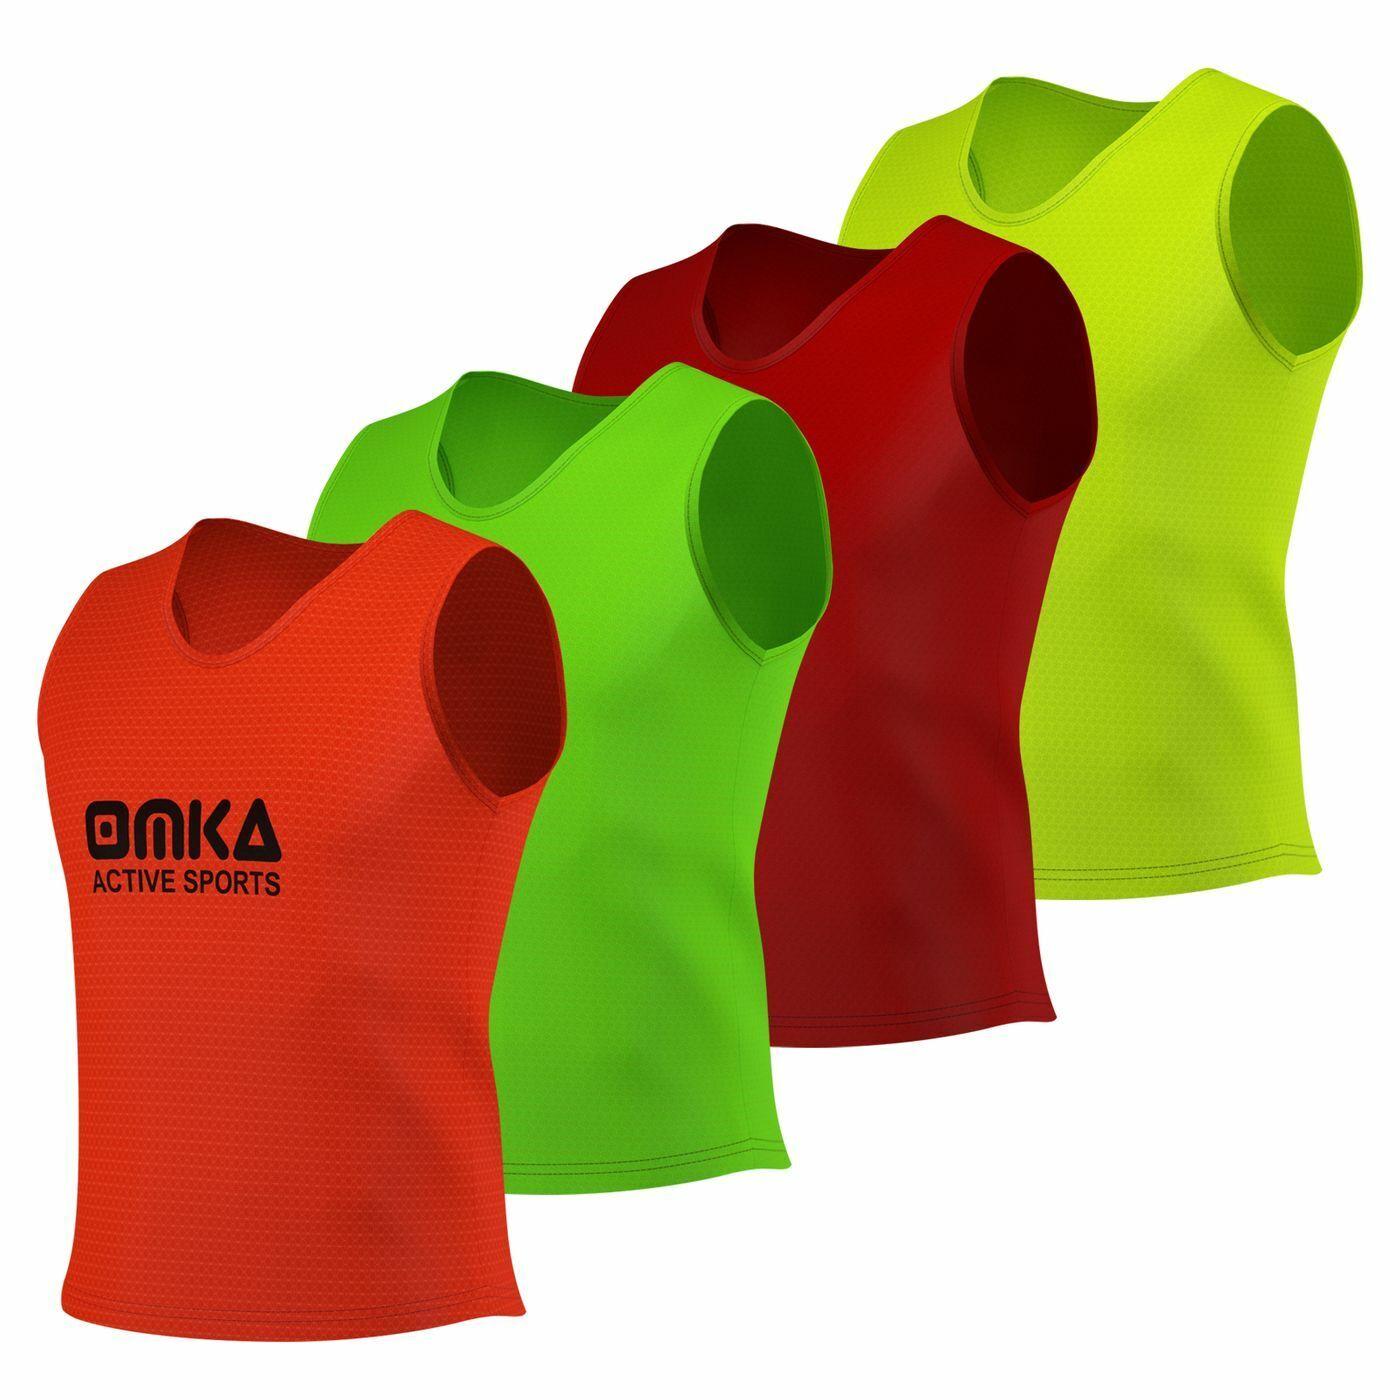 6x OMKA Teamsport Leibchen Trainingsleibchen Markierungshemd Kinder & Erwachsene